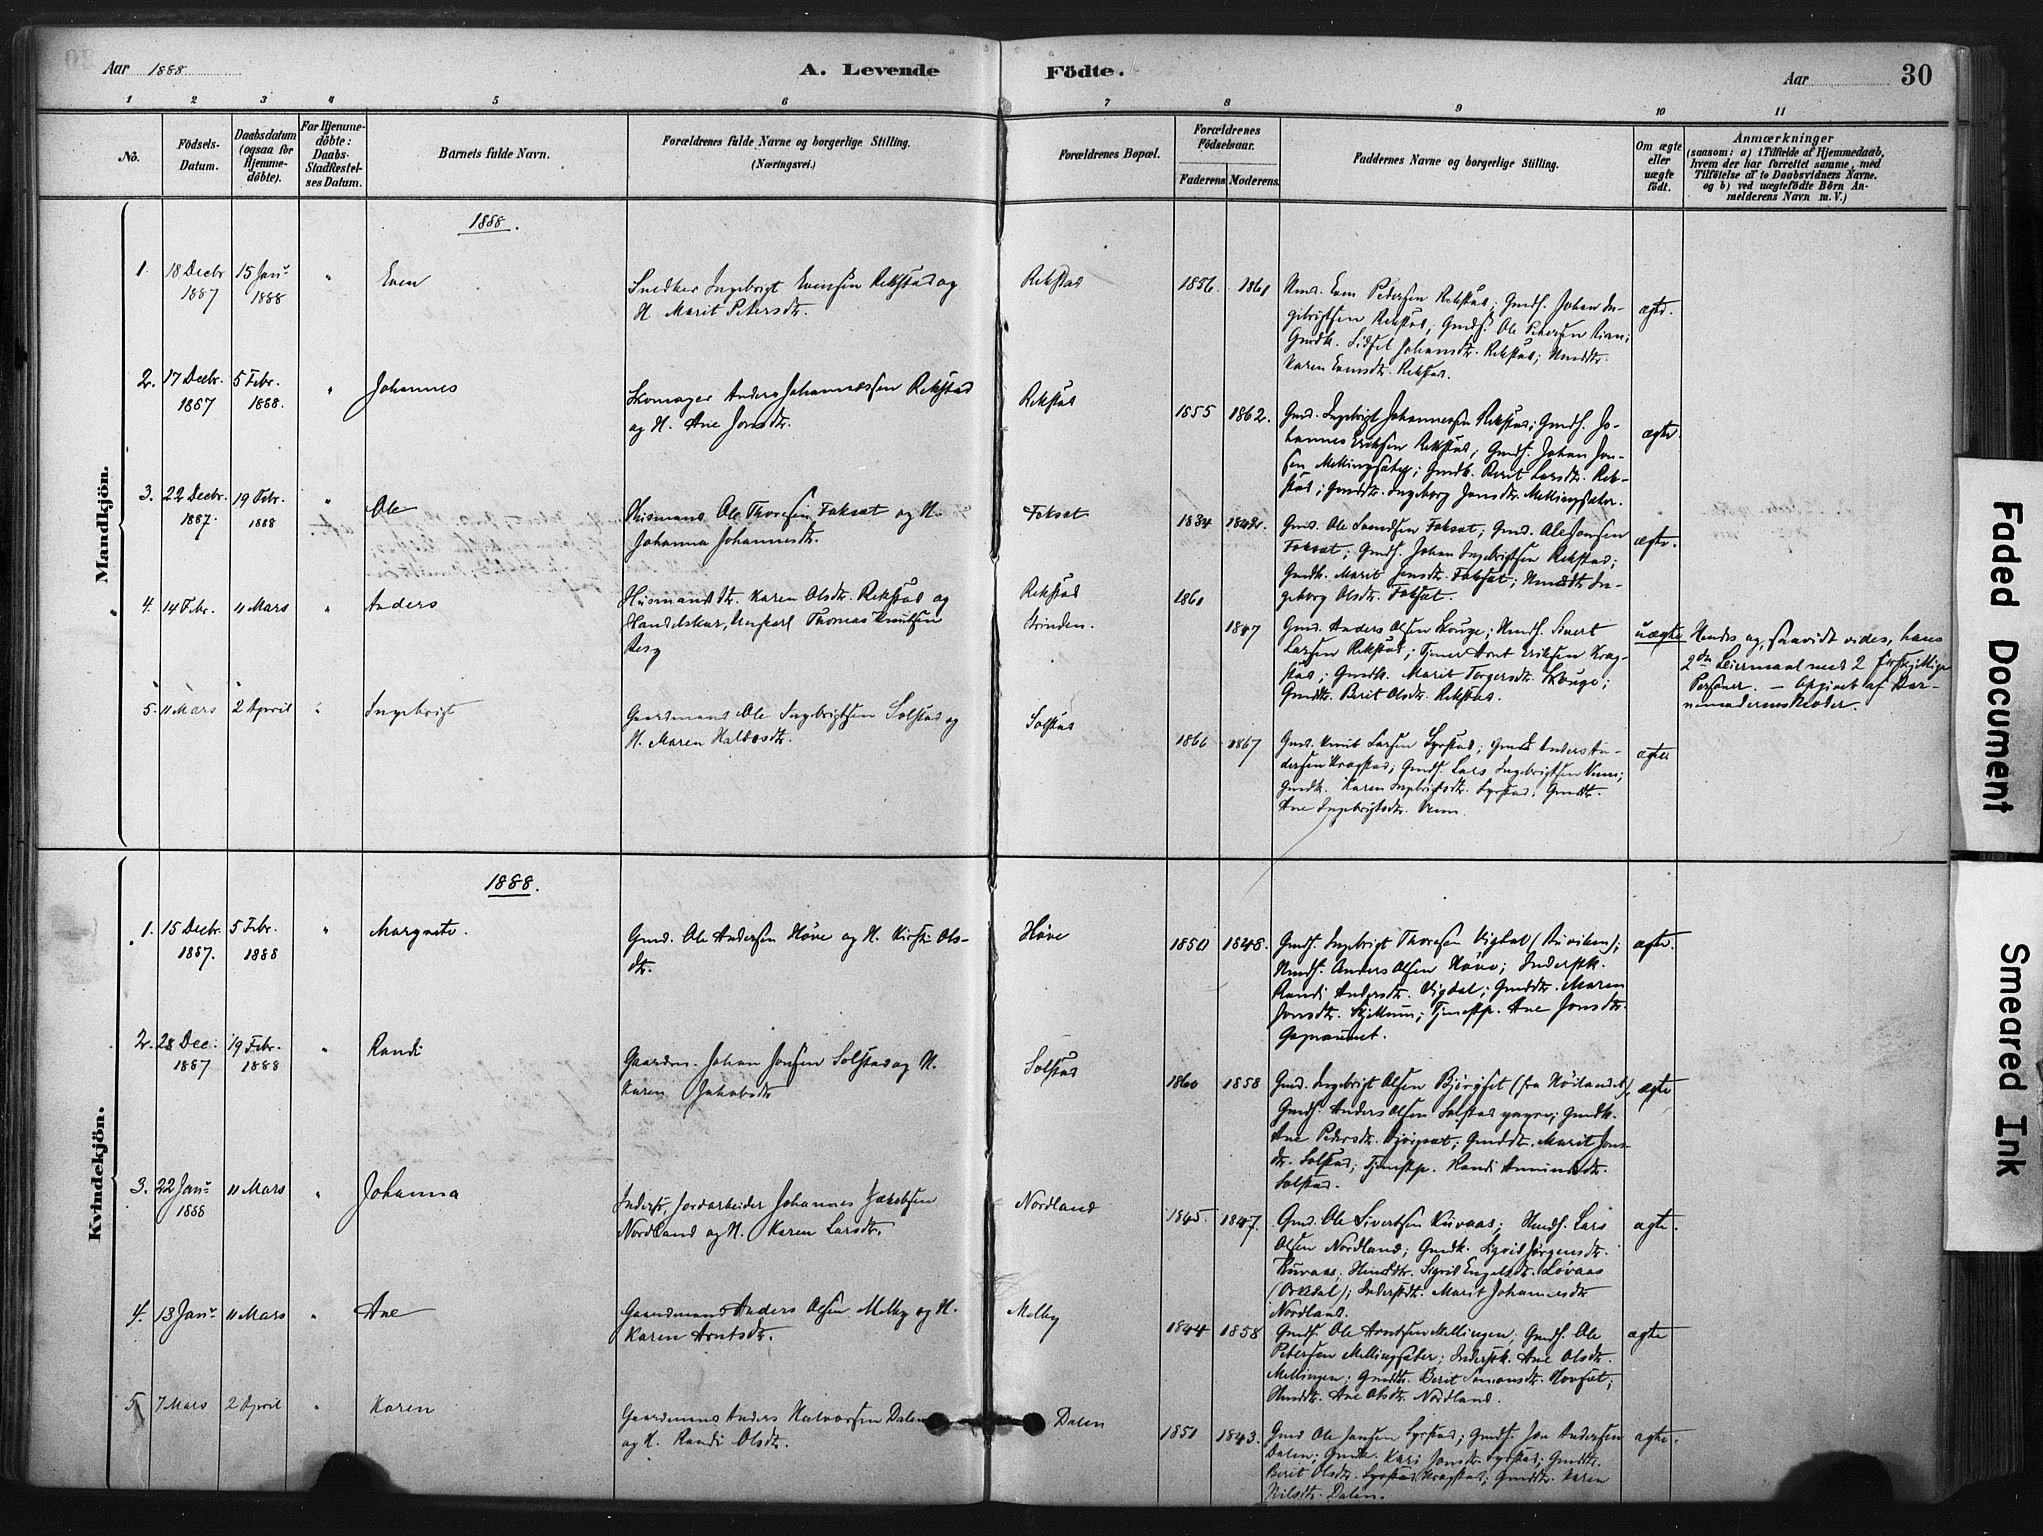 SAT, Ministerialprotokoller, klokkerbøker og fødselsregistre - Sør-Trøndelag, 667/L0795: Ministerialbok nr. 667A03, 1879-1907, s. 30